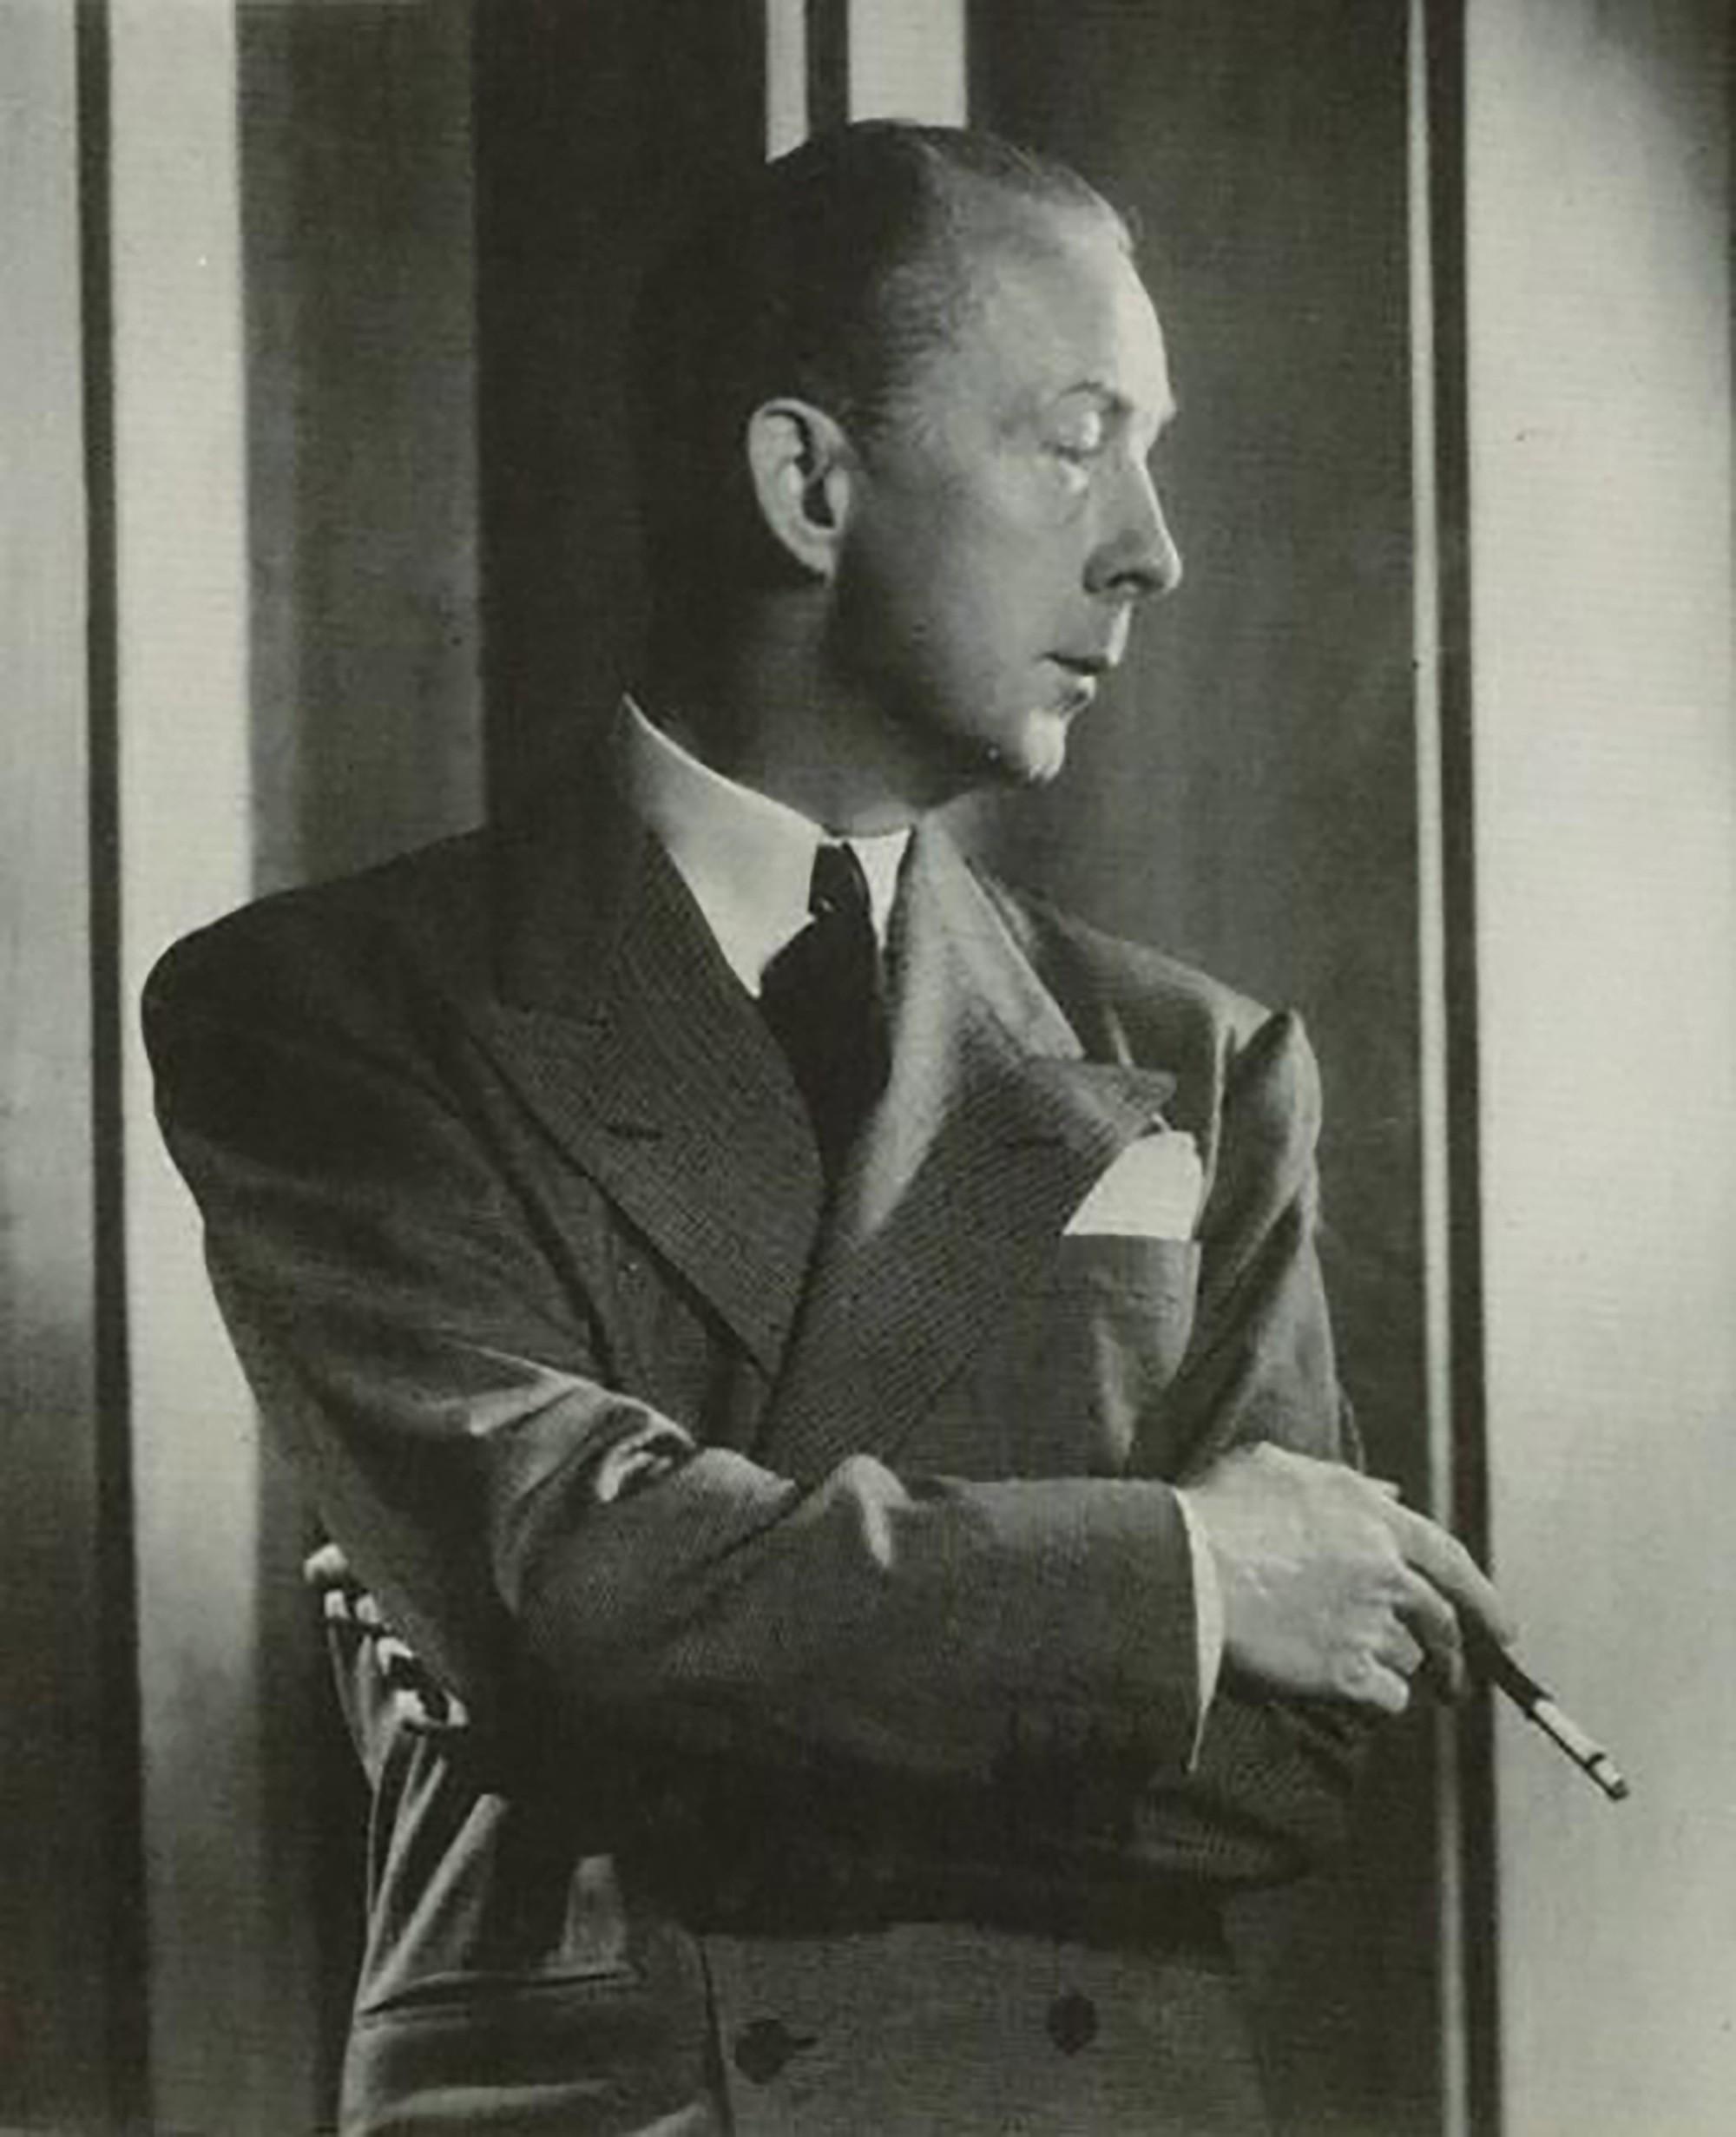 T.H. Robsjohn-Gibbings (1905-1976)